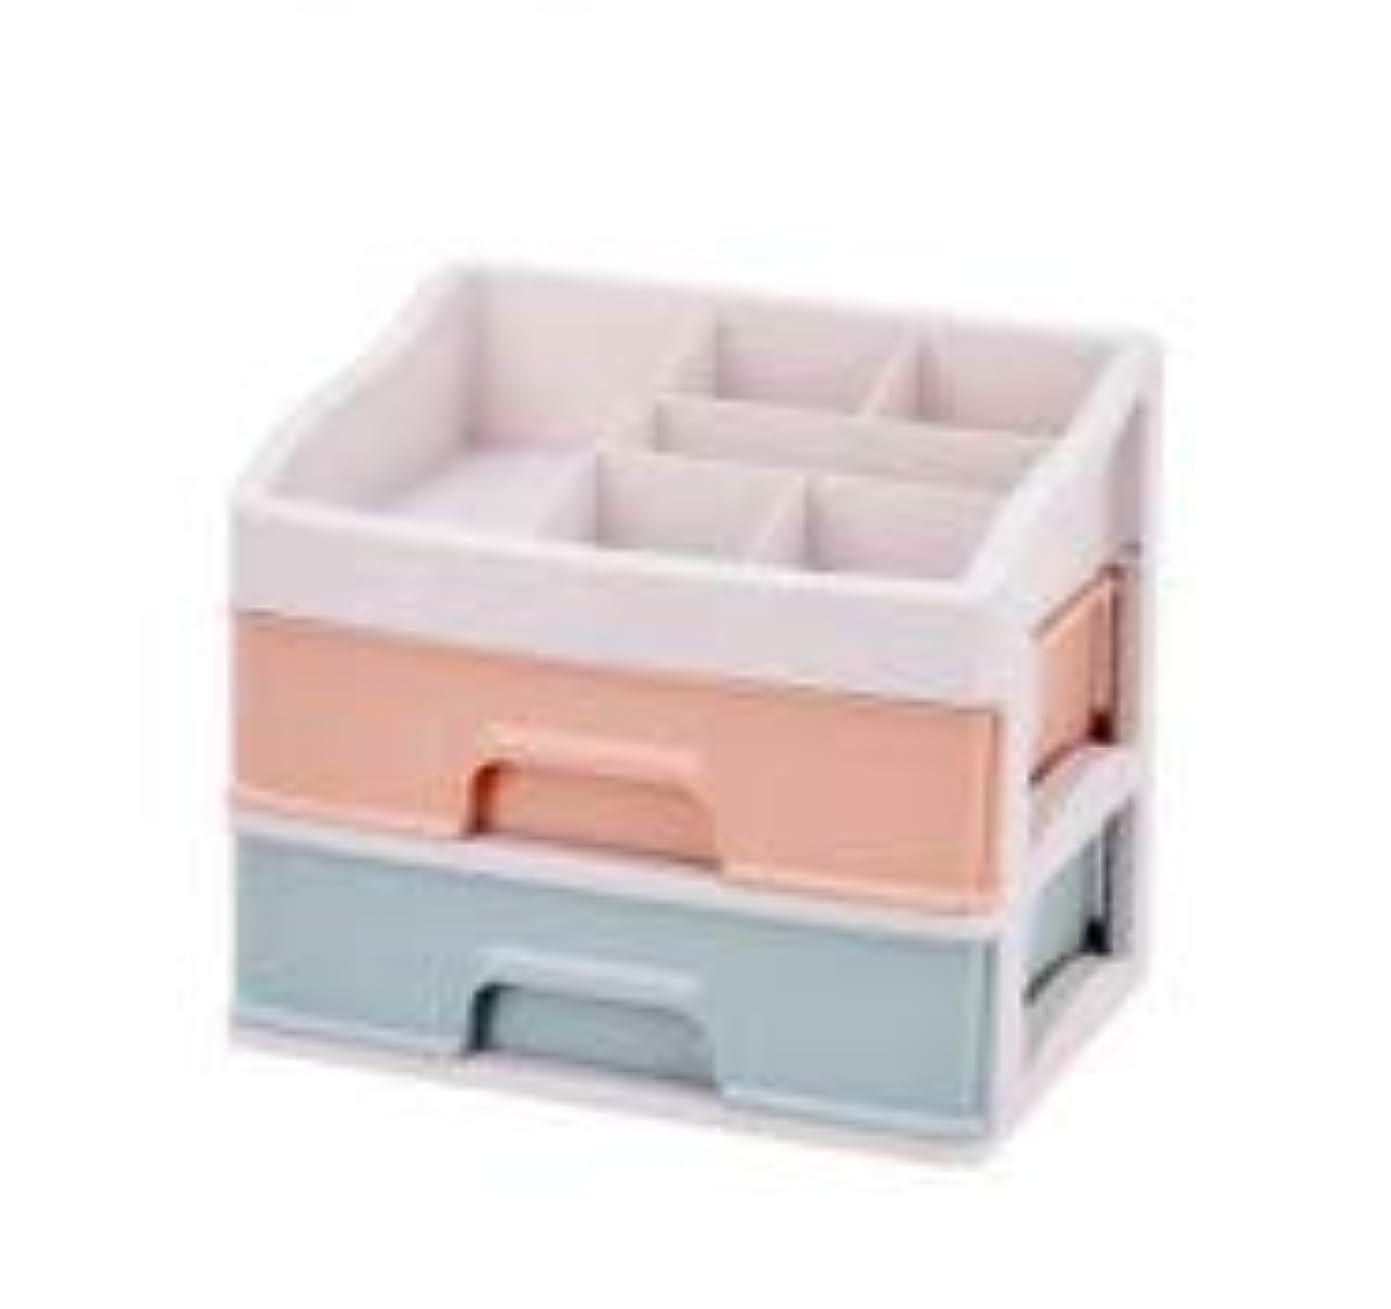 広い専制形式化粧品収納ボックス引き出しデスクトップ収納ラック化粧台化粧品ケーススキンケア製品 (Size : M)